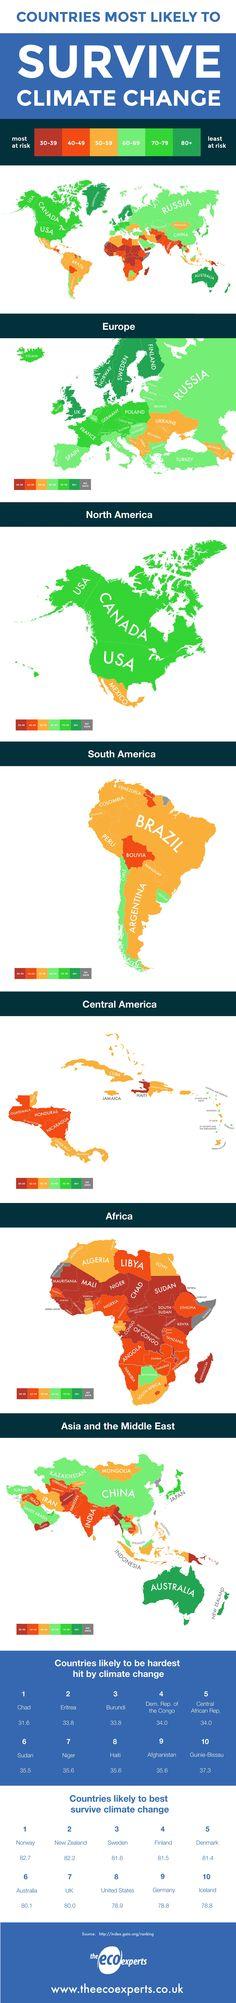 Quels sont les Pays les plus menacés par le Changement Climatique ? (infographie)